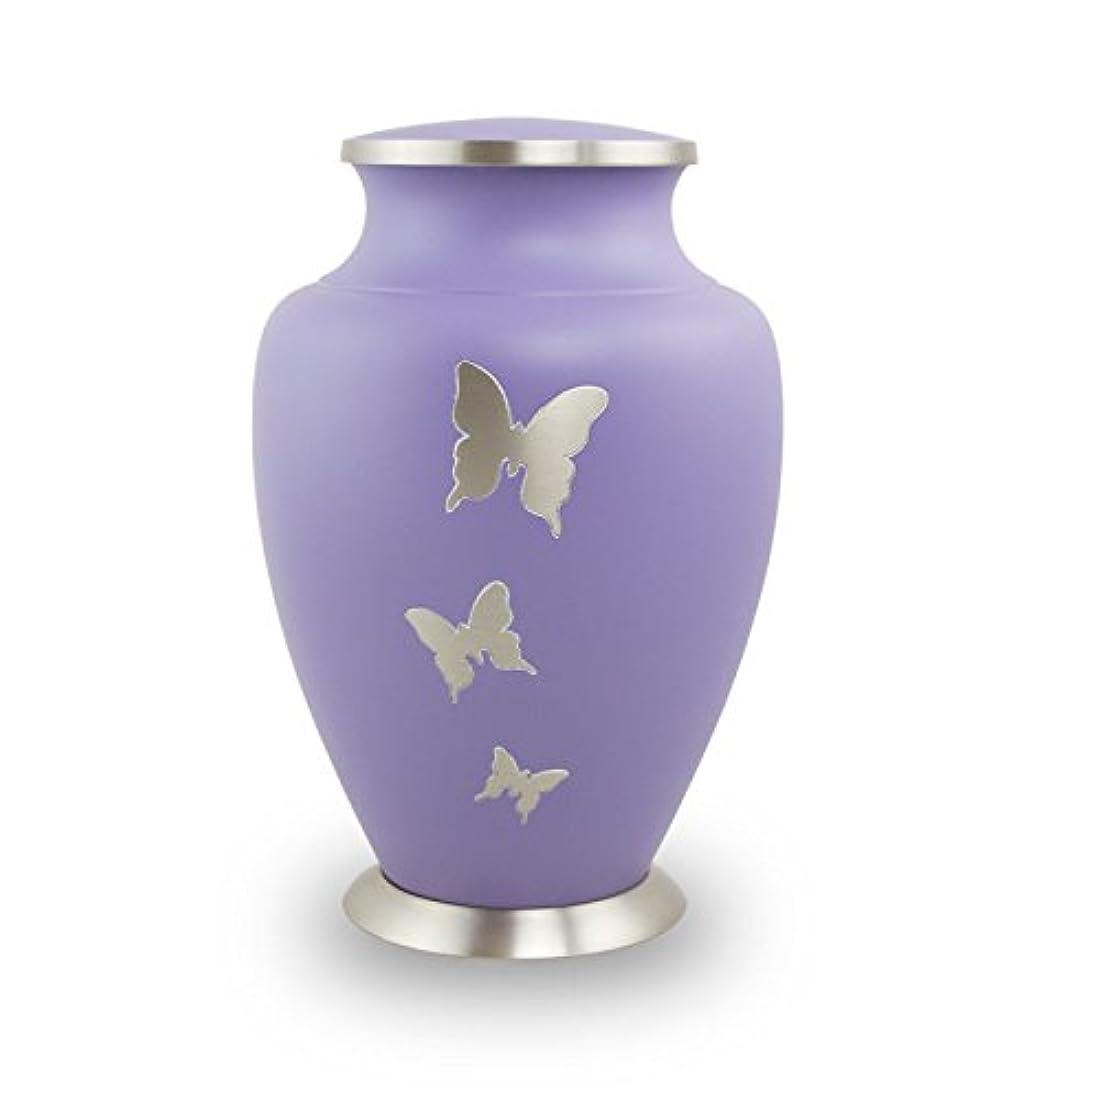 カロリー未就学最大化するAriaバタフライCremation Urn